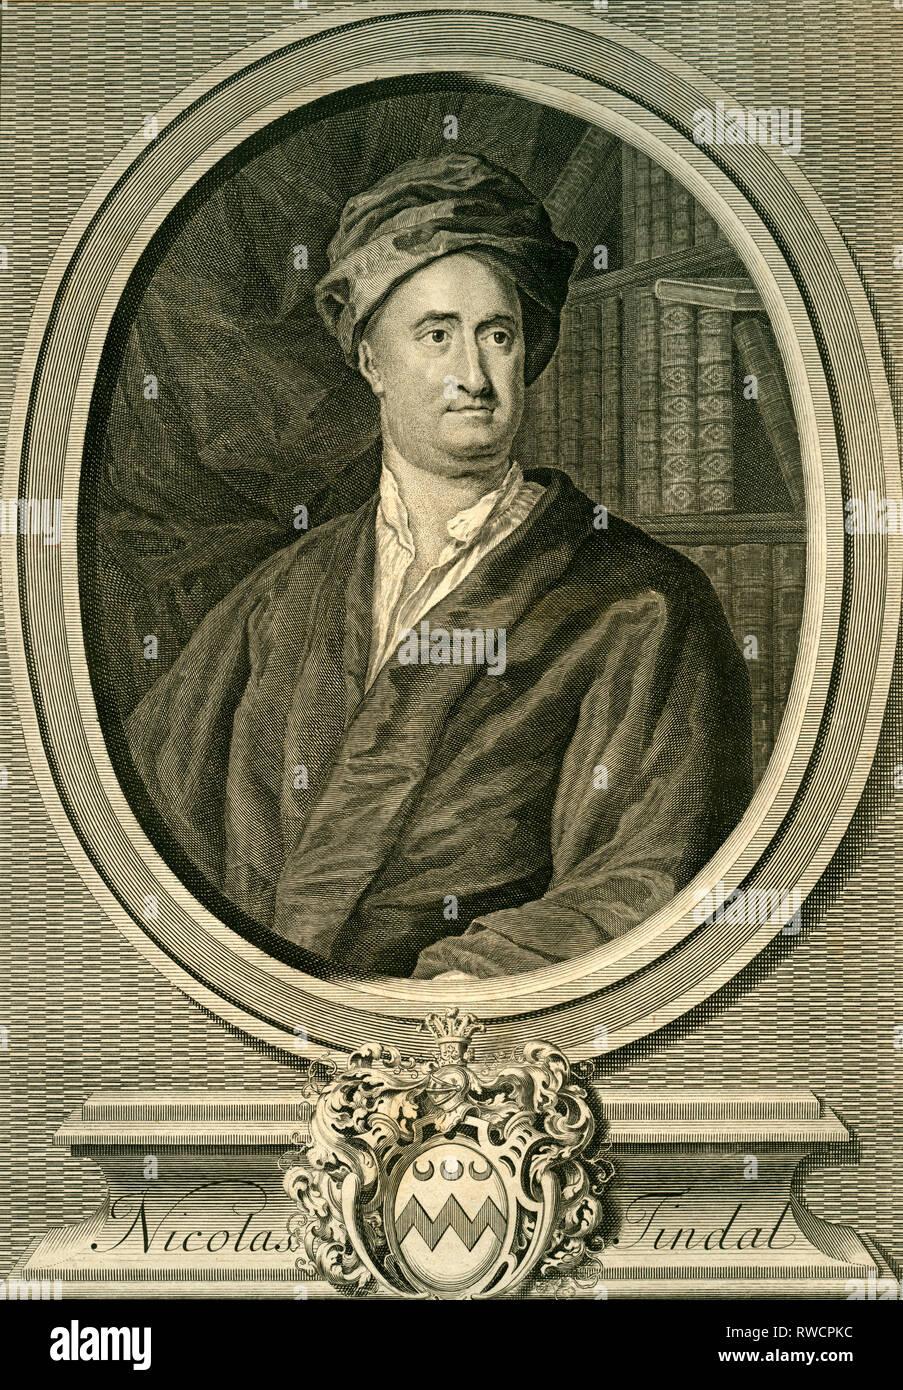 Traductor e historiador británico (historia de Inglaterra), después de haber grabado copperplate Knapton, alrededor de 1735, Copyright del artista no ha de ser borrado Imagen De Stock